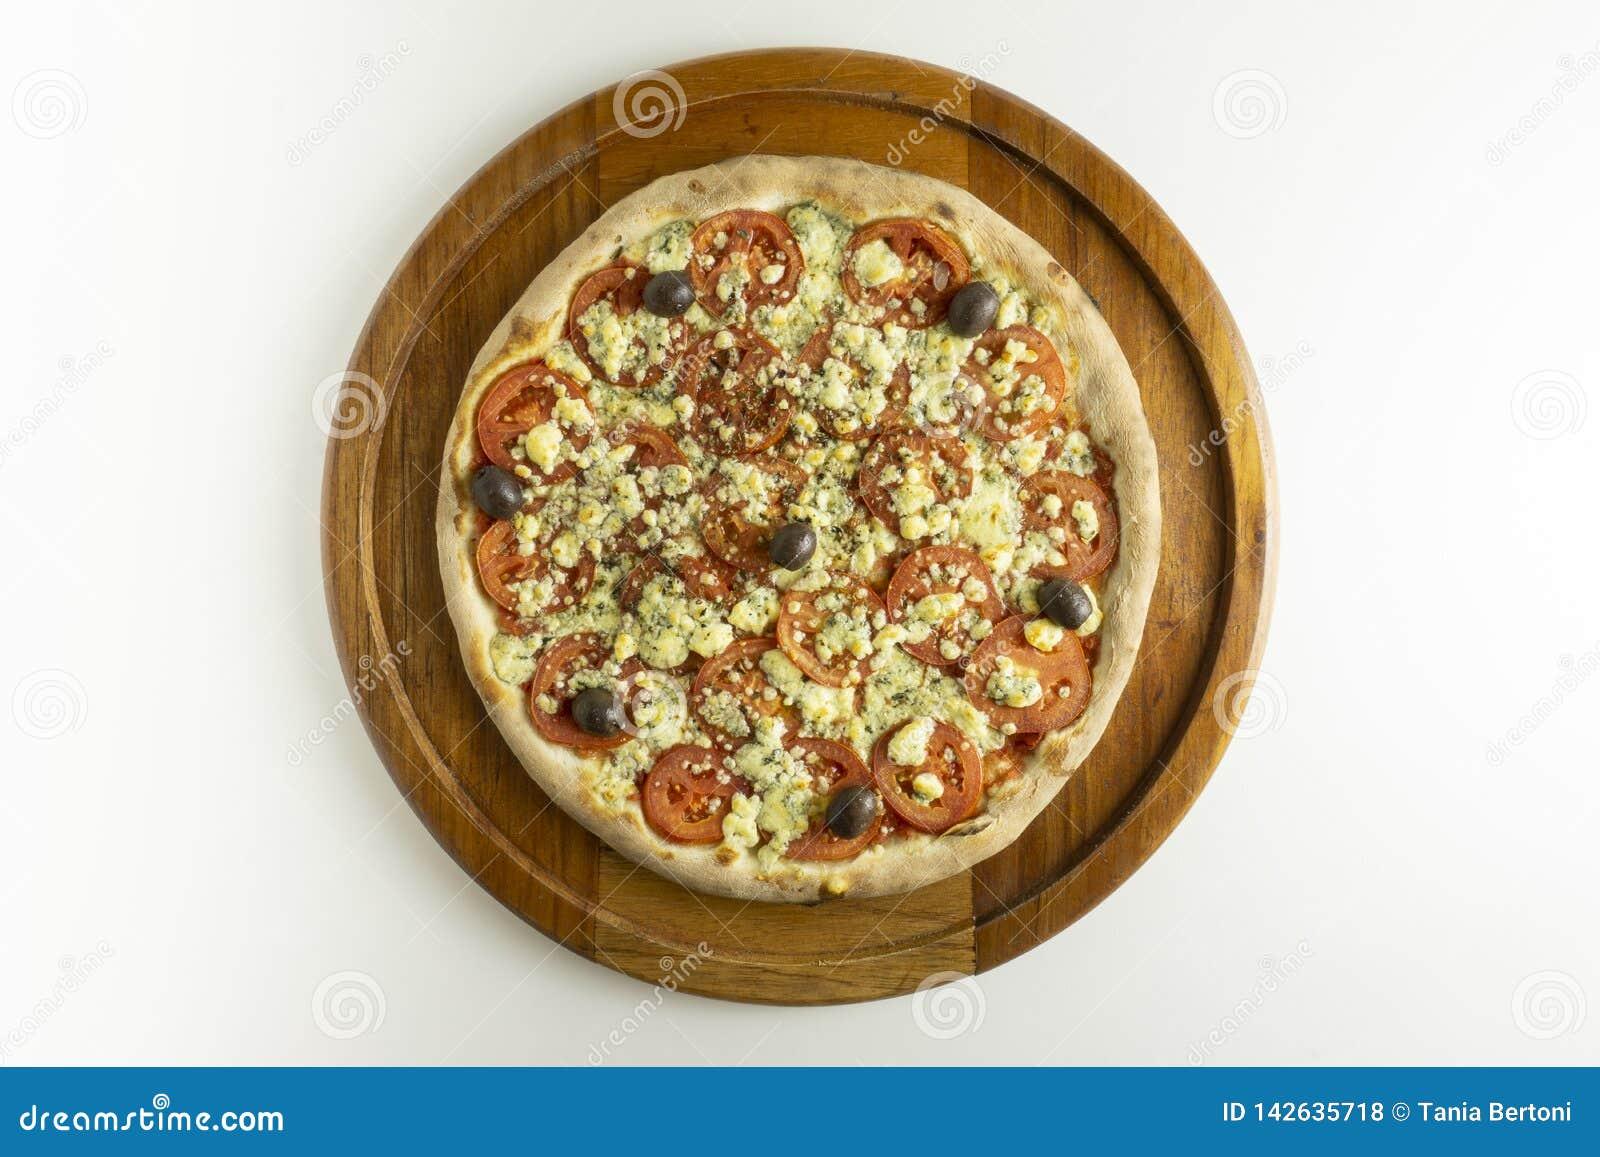 Pizza grande com molho de tomate, tomate, gorgonzola e azeitonas pretas no fundo branco